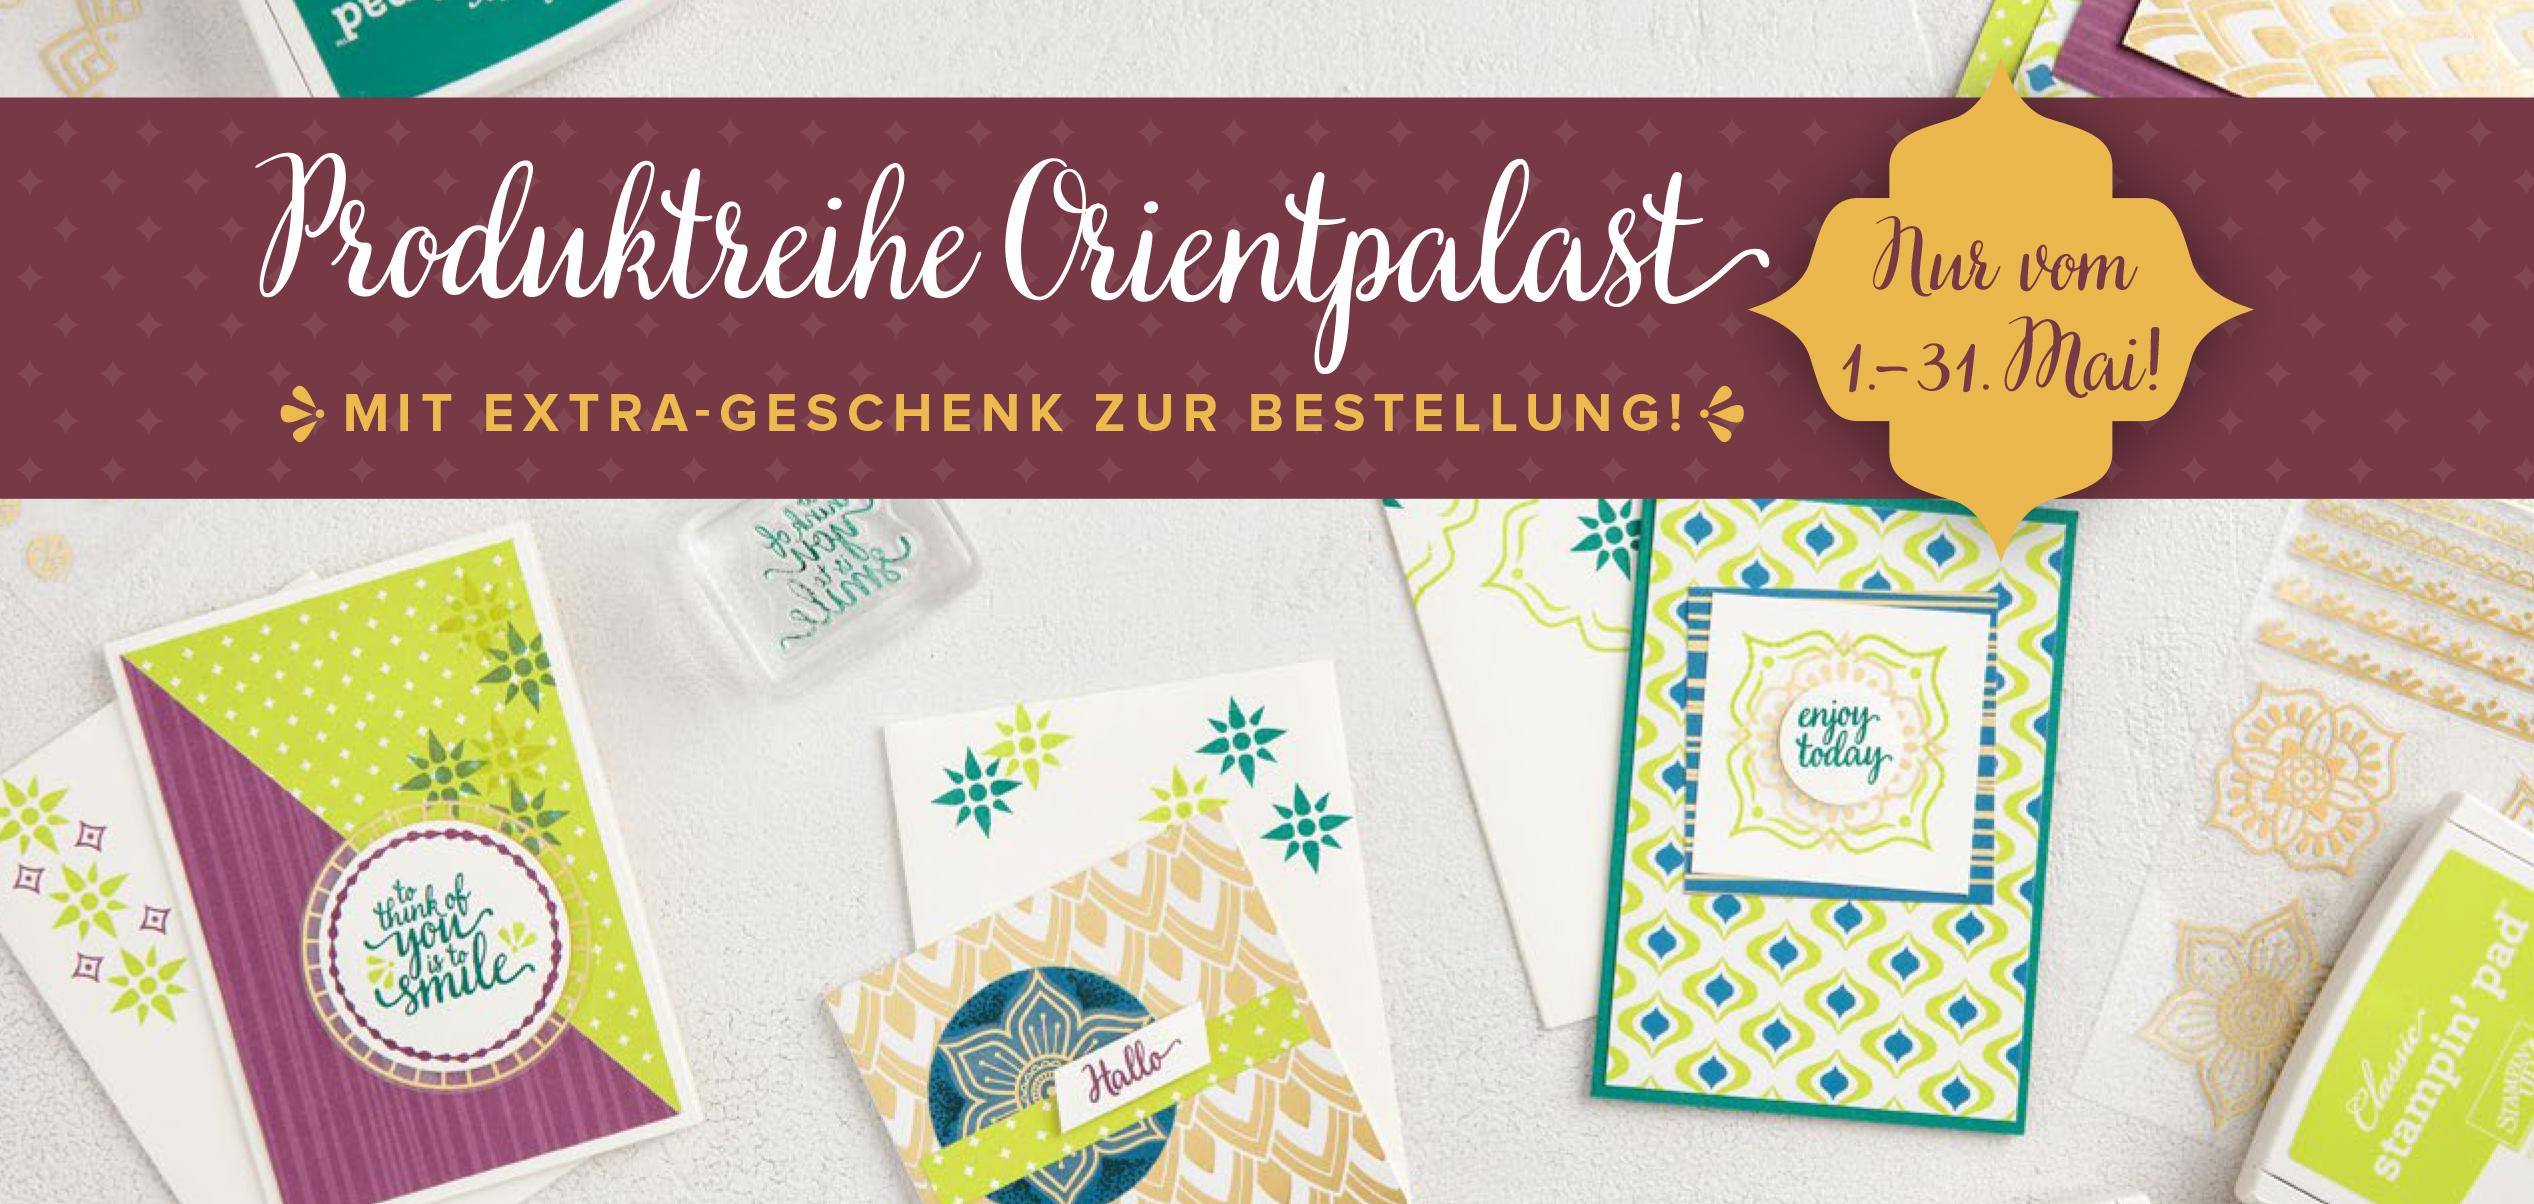 Stampin' Up! Produktreihe Orientpalast mit GRATIS Geschenk